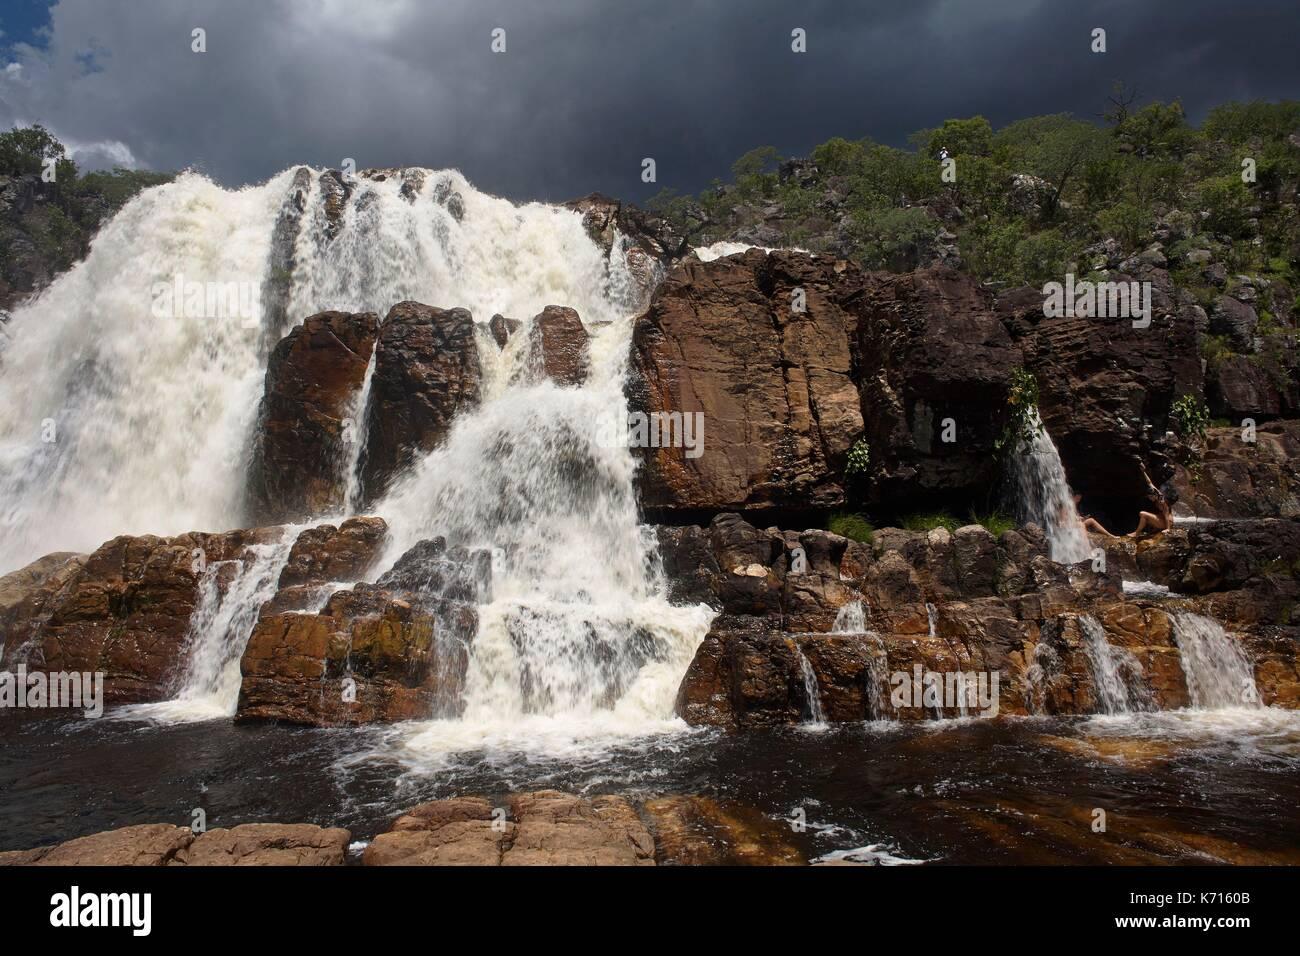 Brazil, Goias, Chapada dos Veadeiros National Park, Cachoeira Cariocas - Stock Image